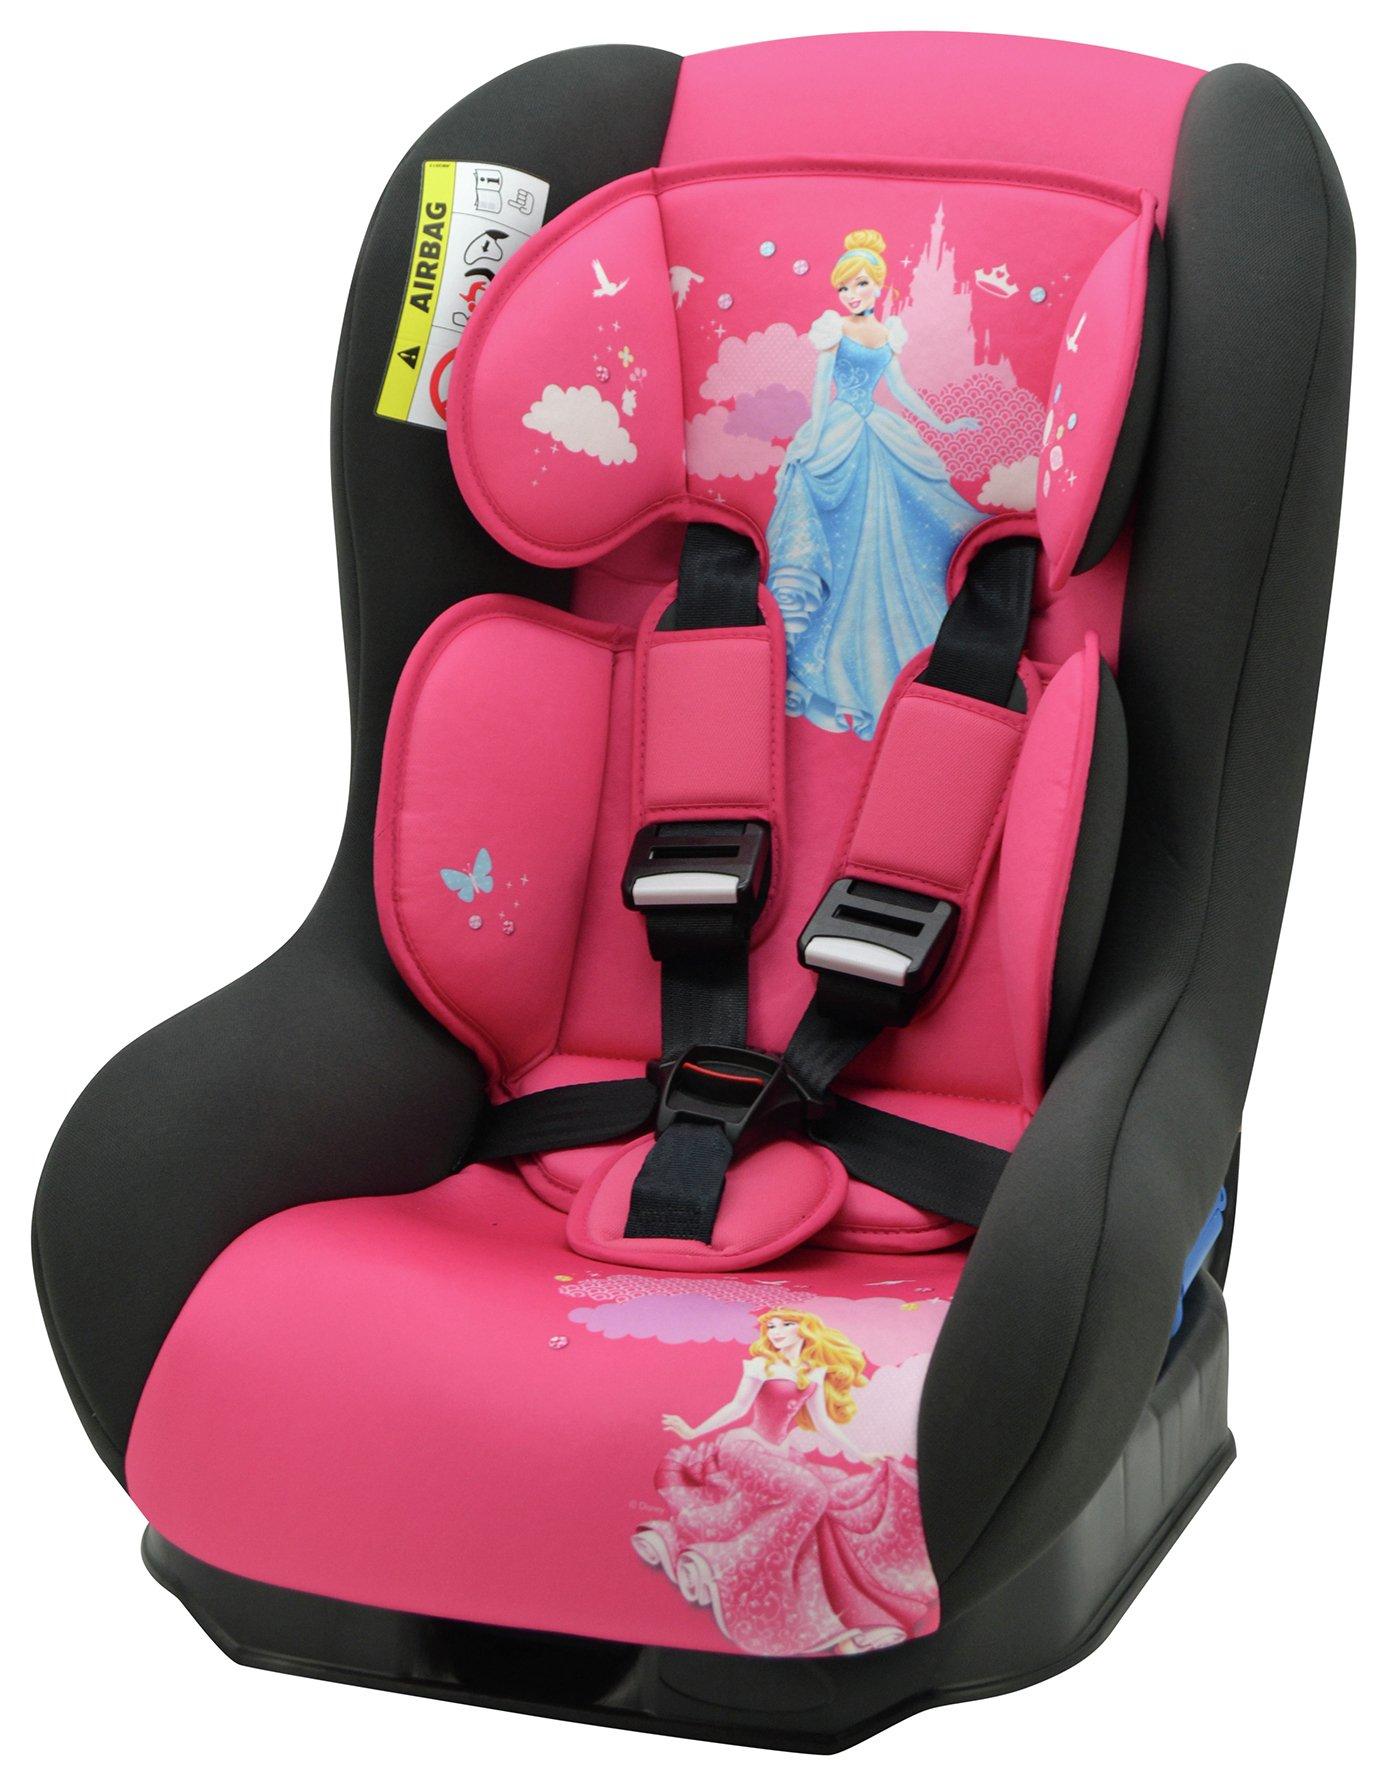 Disney Princess Driver Group 0/1 Car Seat - Pink